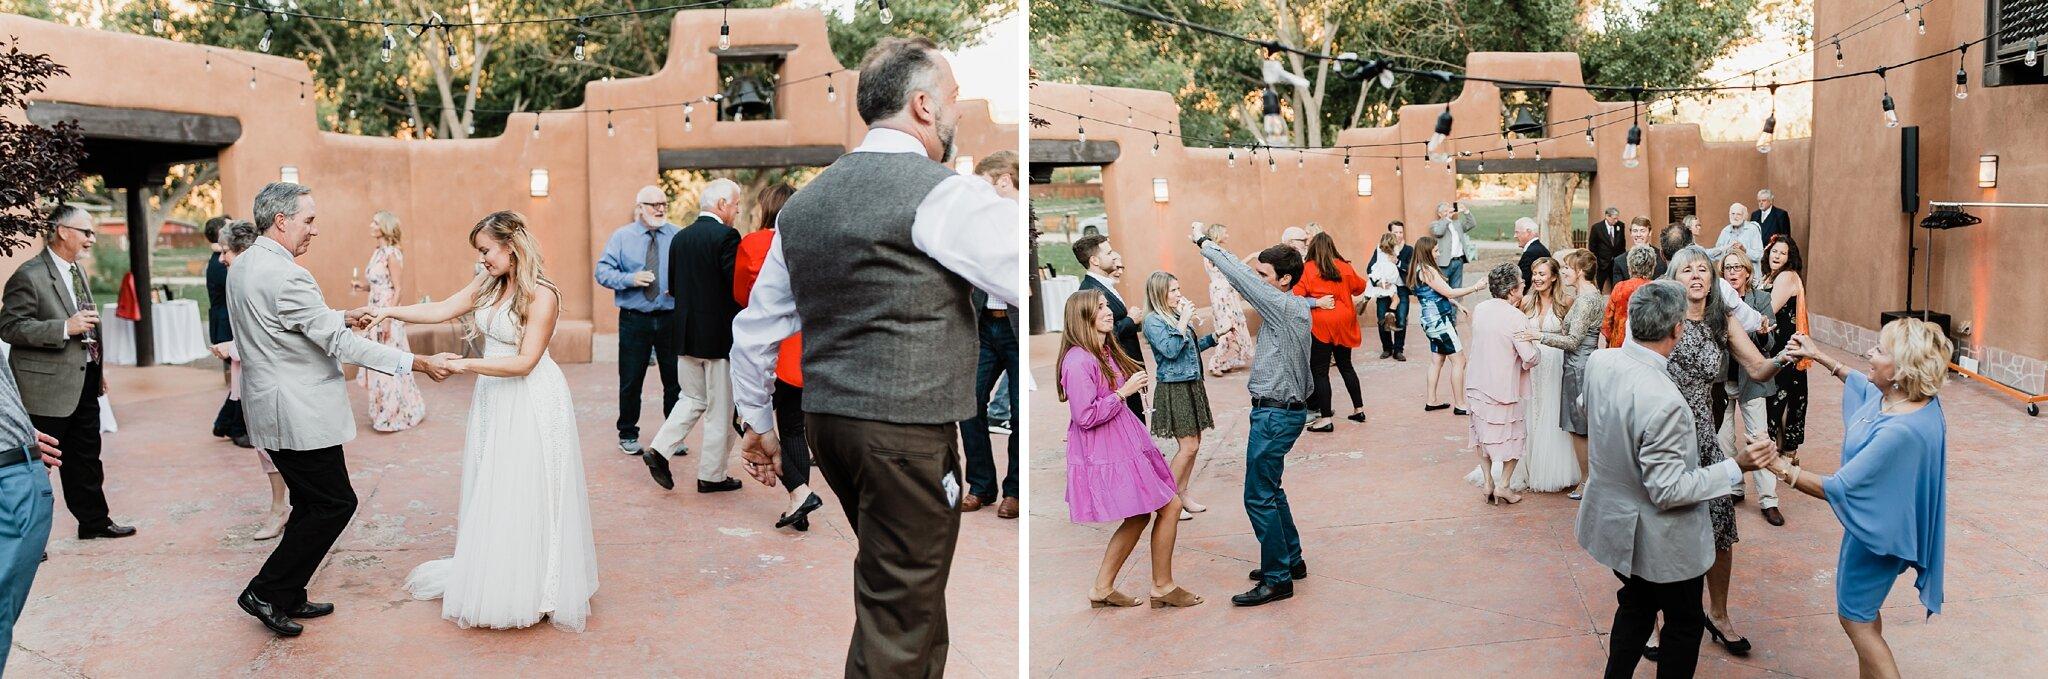 Alicia+lucia+photography+-+albuquerque+wedding+photographer+-+santa+fe+wedding+photography+-+new+mexico+wedding+photographer+-+new+mexico+wedding+-+wedding+-+santa+fe+wedding+-+ghost+ranch+-+ghost+ranch+wedding+-+fall+wedding_0093.jpg